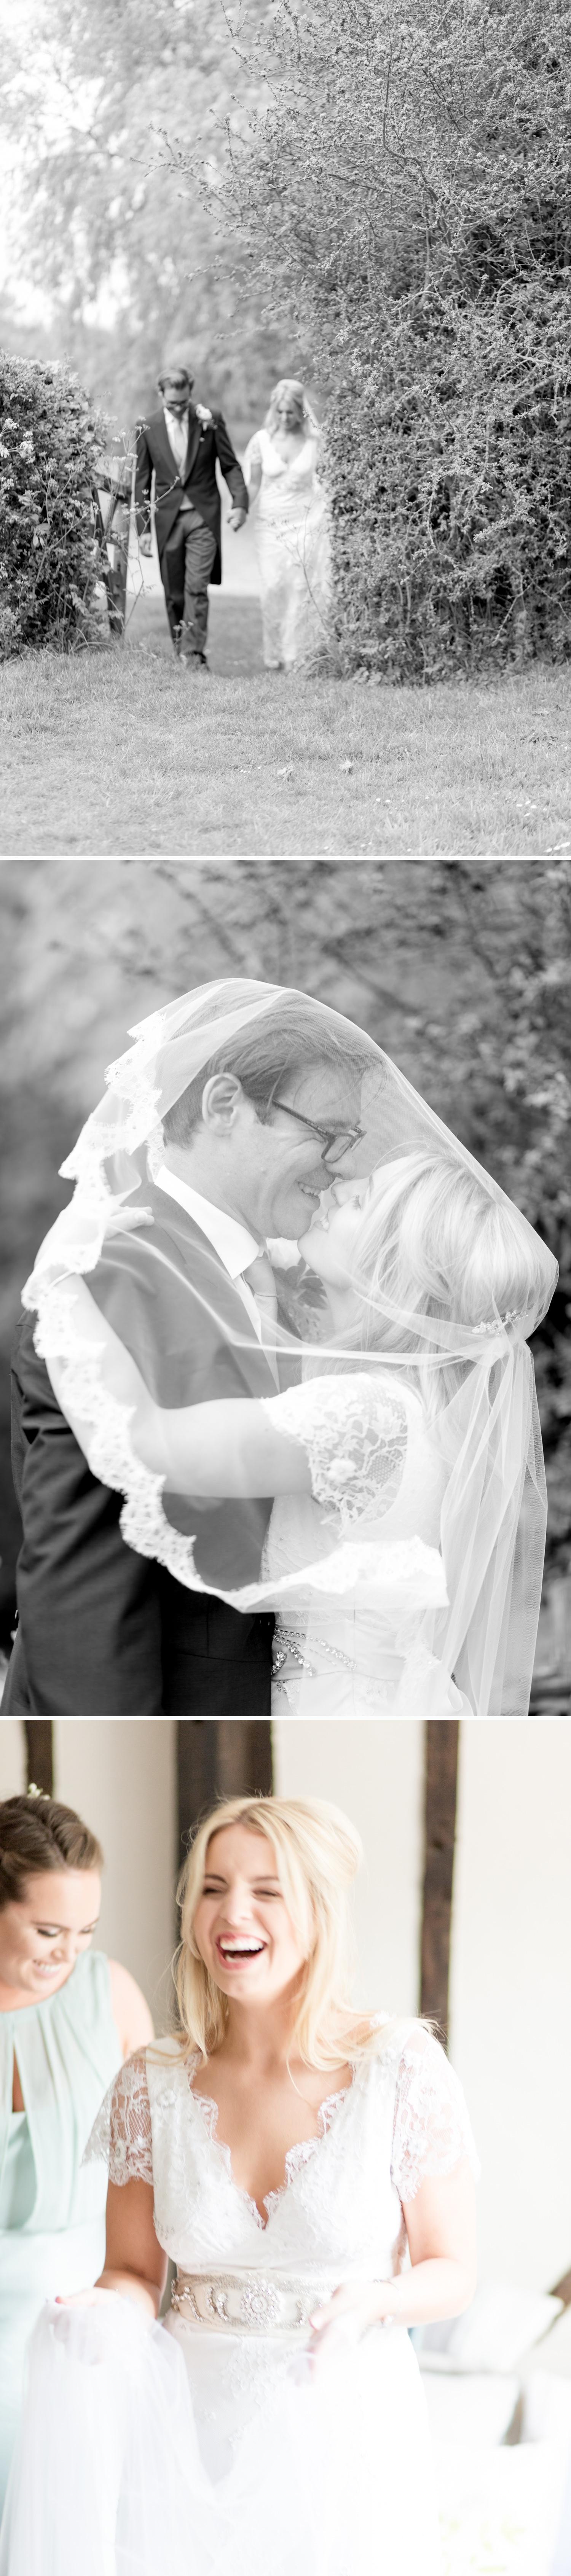 Emily & Jonathan's Cambridgeshire wedding - black and white images of couple walking